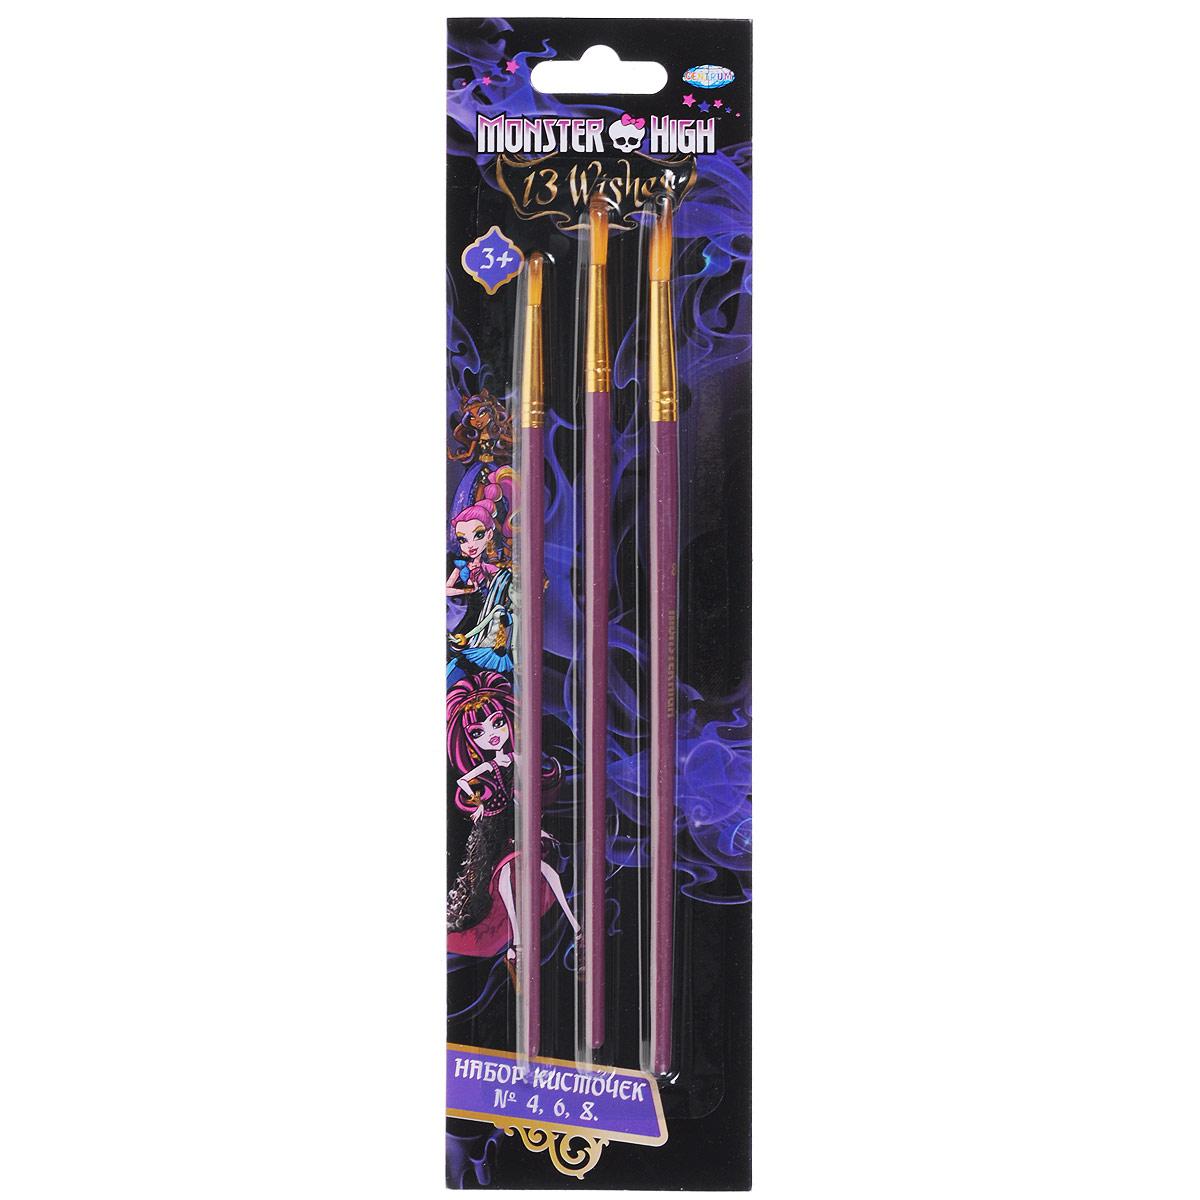 Monster High Набор круглых кистей №4, 6, 8 (3 шт)FS-00102Кисти из набора Monster High идеально подойдут для художественных и декоративно-оформительских работ. Они предназначены для работы с различными видами красок. Кисти выполнены из нейлона. В отличие от натурального волокна, у данных кисточек ворс прочнее, не лезет, не ершится. Материал ручки - дерево. В набор входят три круглых кисти: №4, №6, №8.